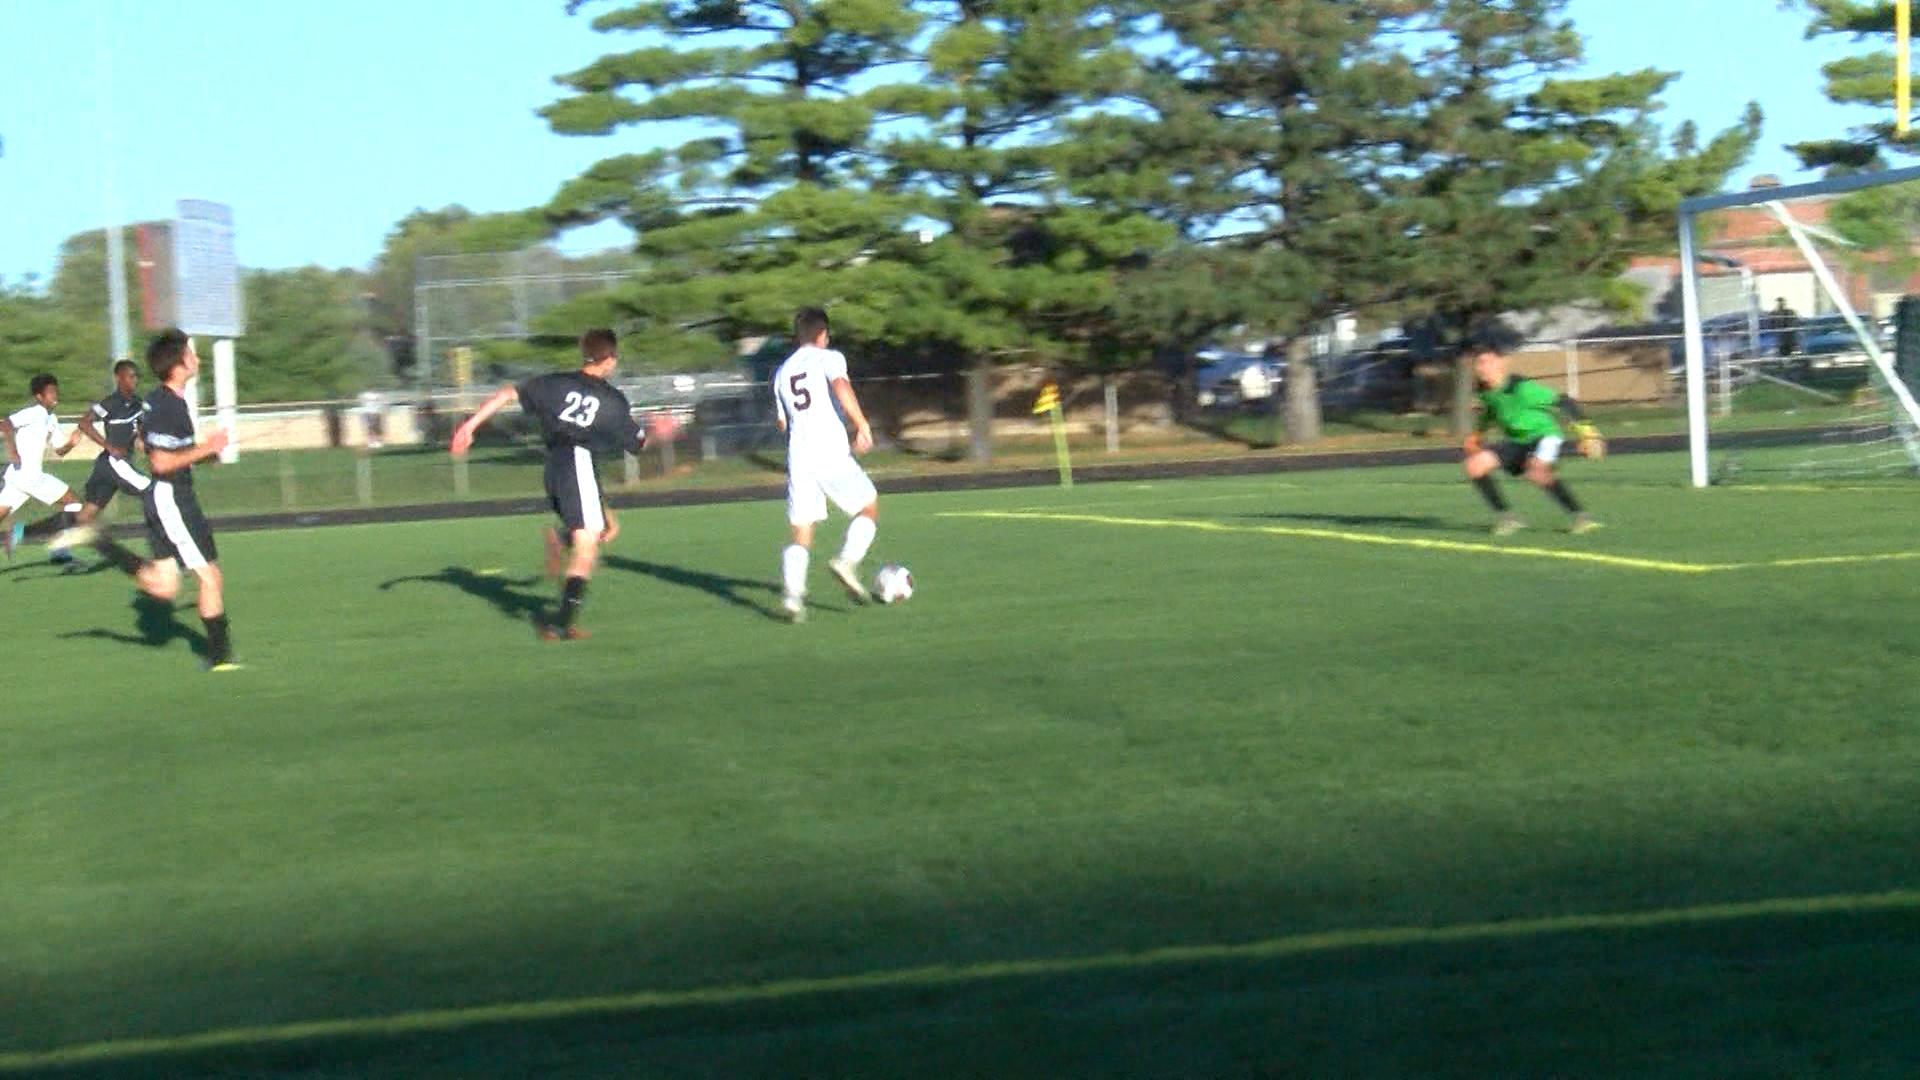 Dunlap soccer 1017_1508302356048.jpg